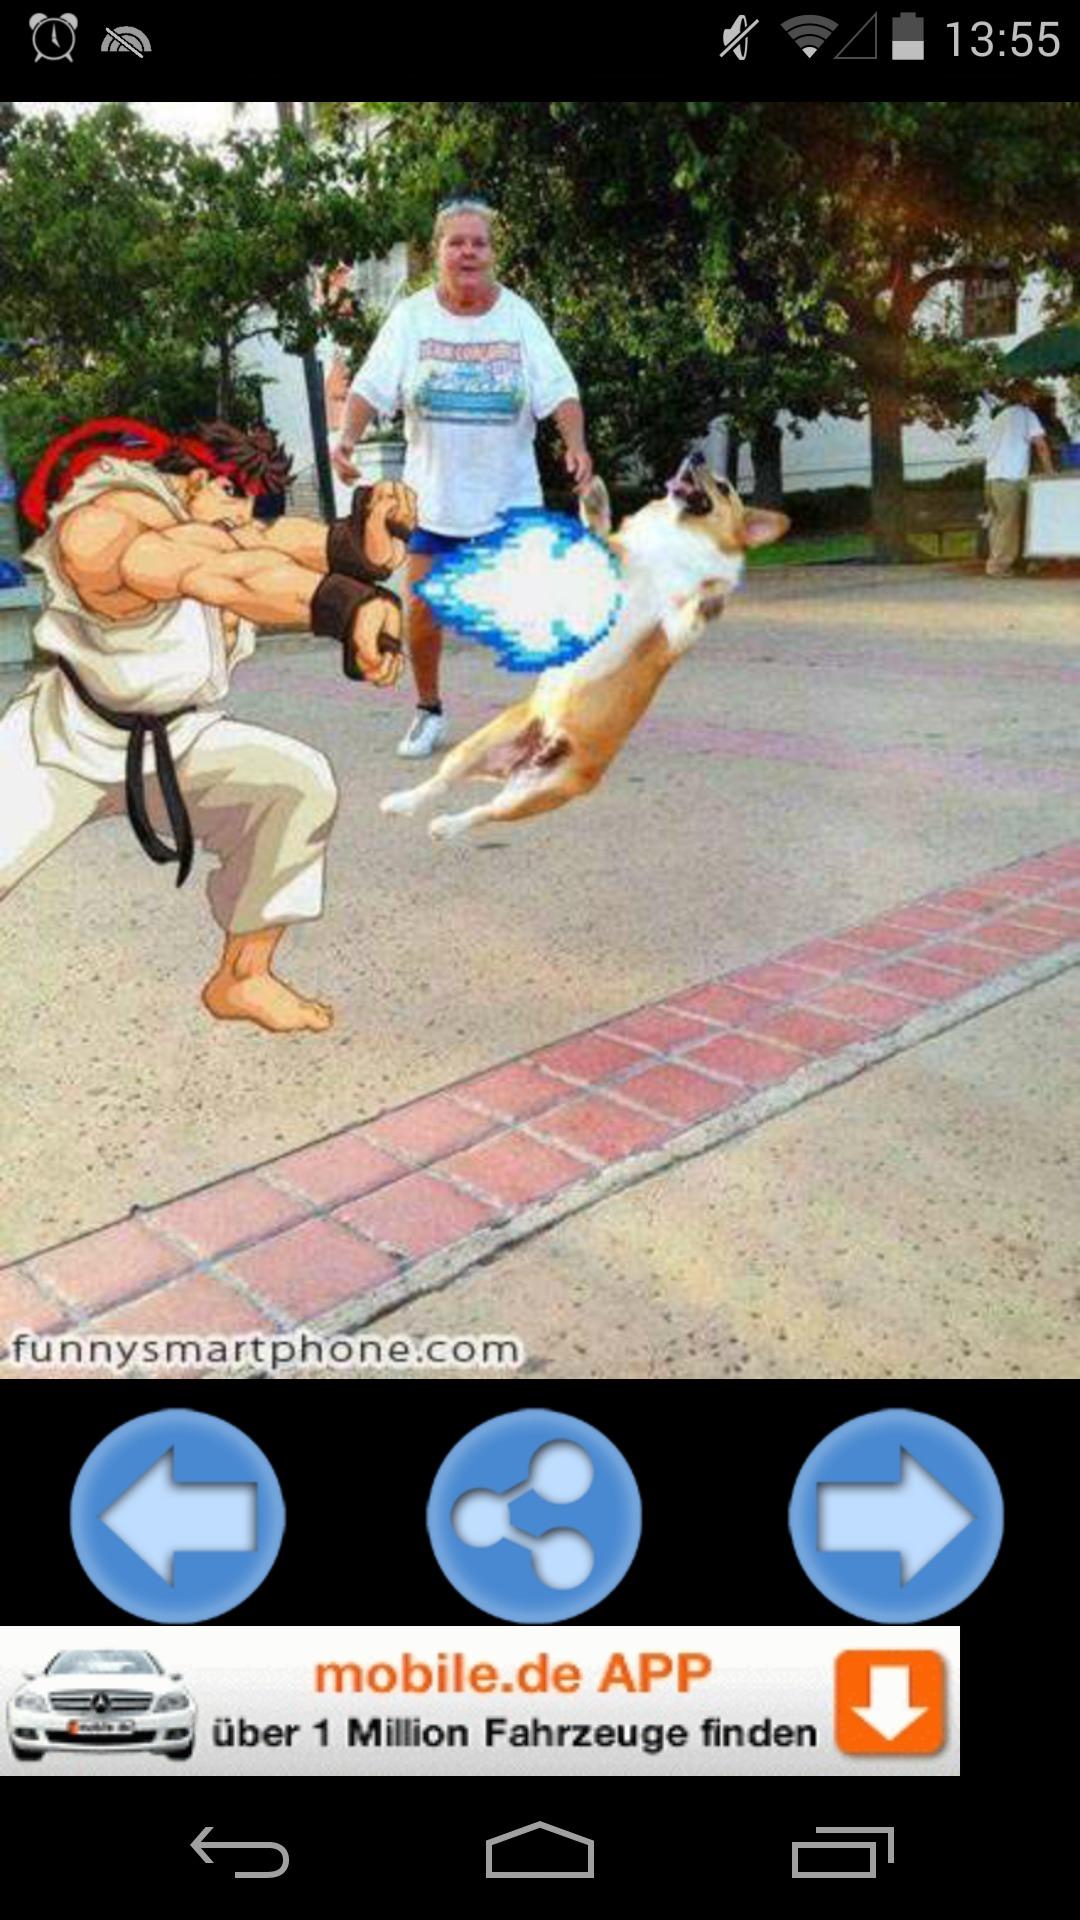 Lustige Bilder Für Whatsapp - Android App - Download - Chip verwandt mit Lustige Bilder Kostenlos Runterladen